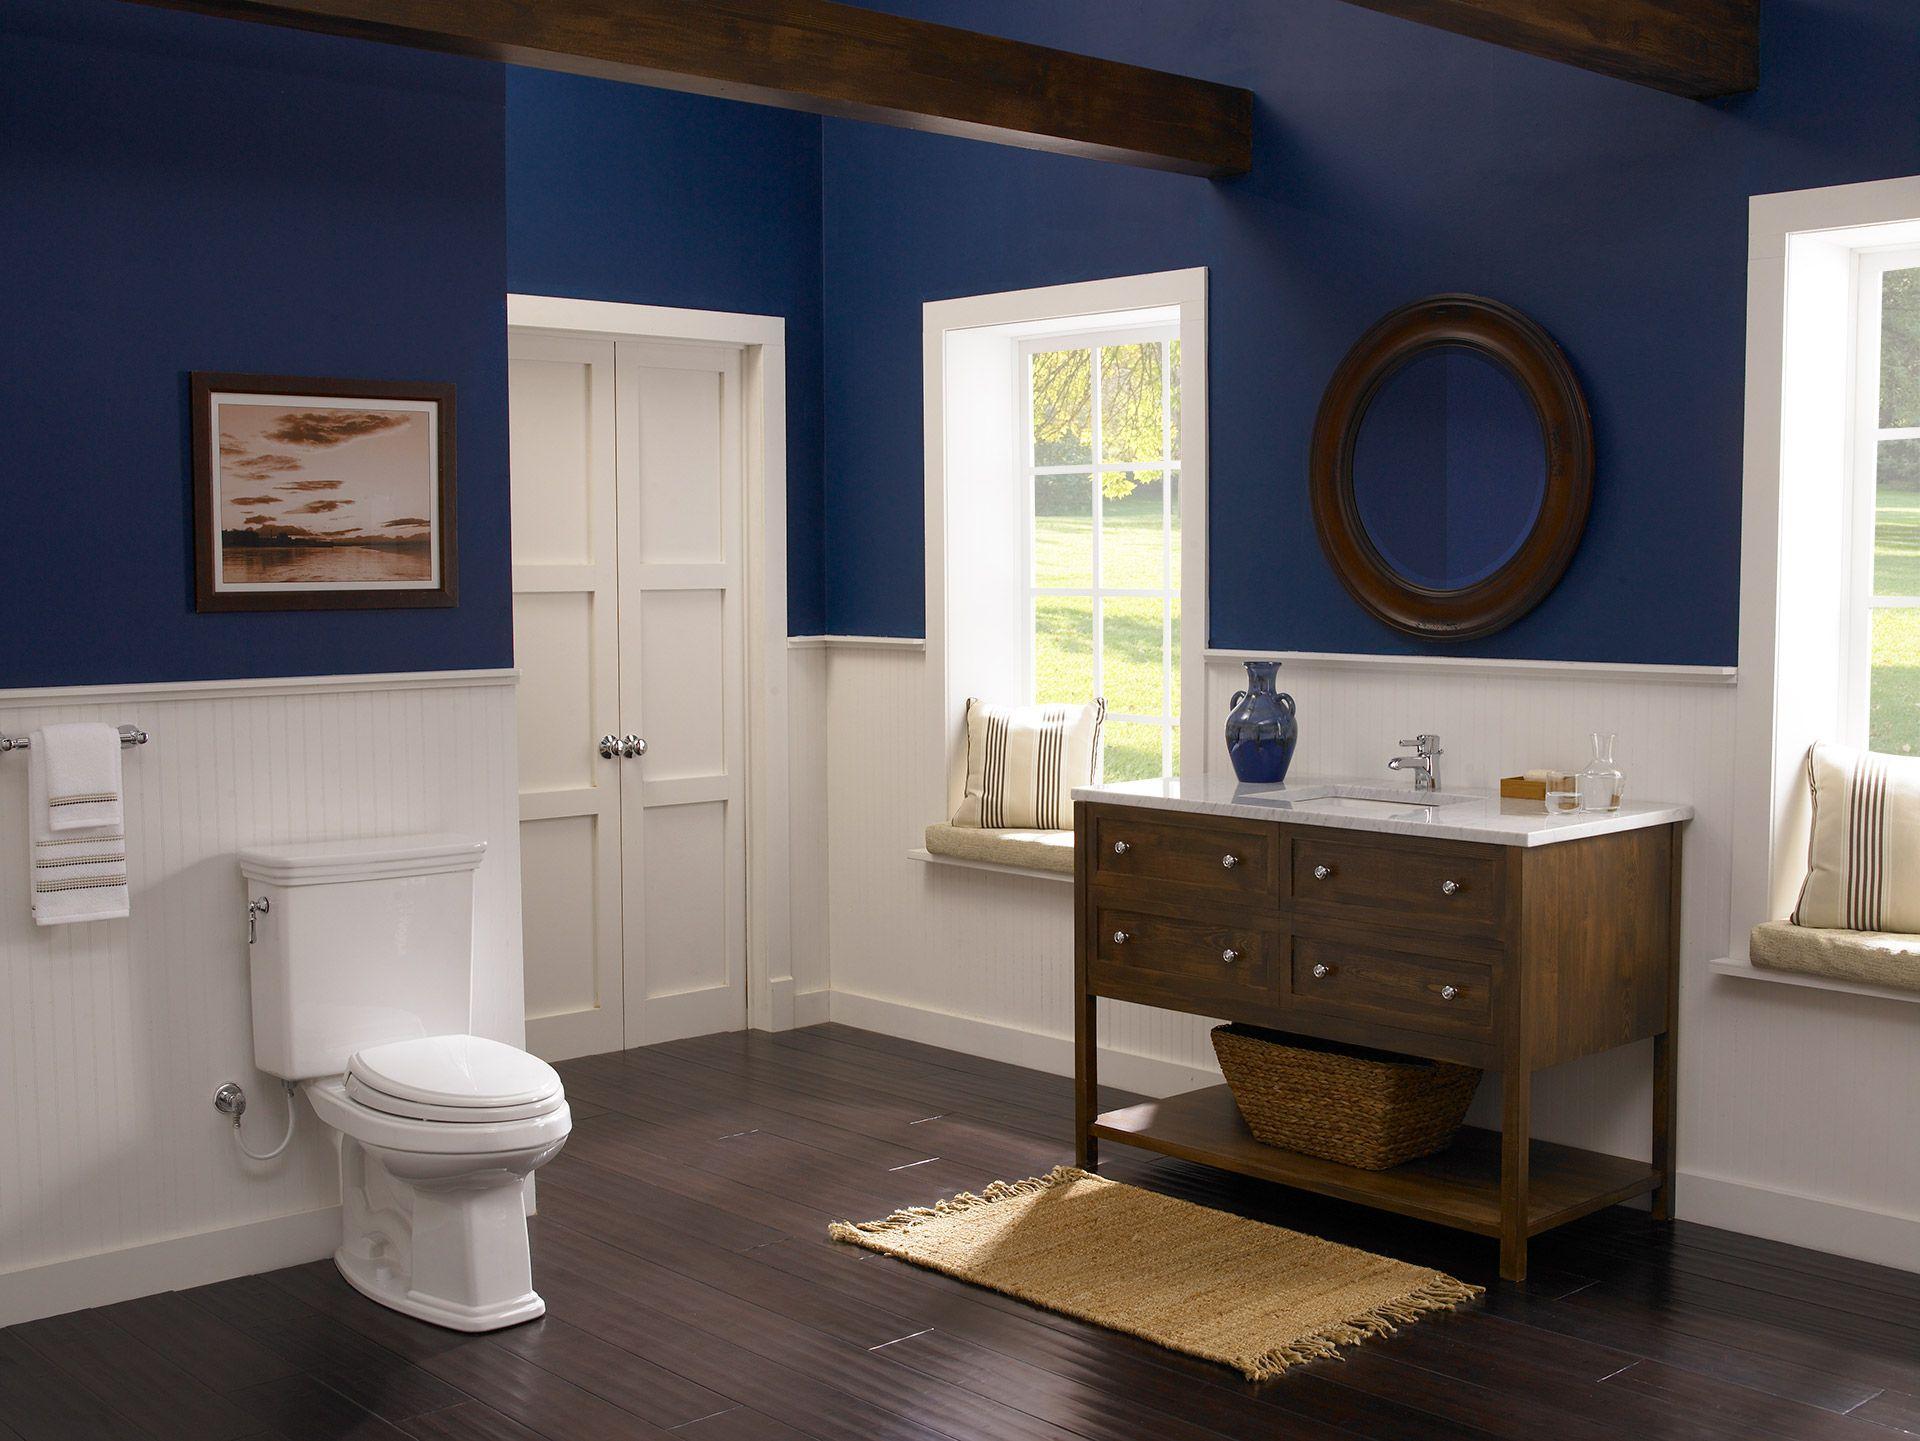 Eco Promenade® Two-Piece Toilet, 1.28 GPF, Round Bowl - TotoUSA.com